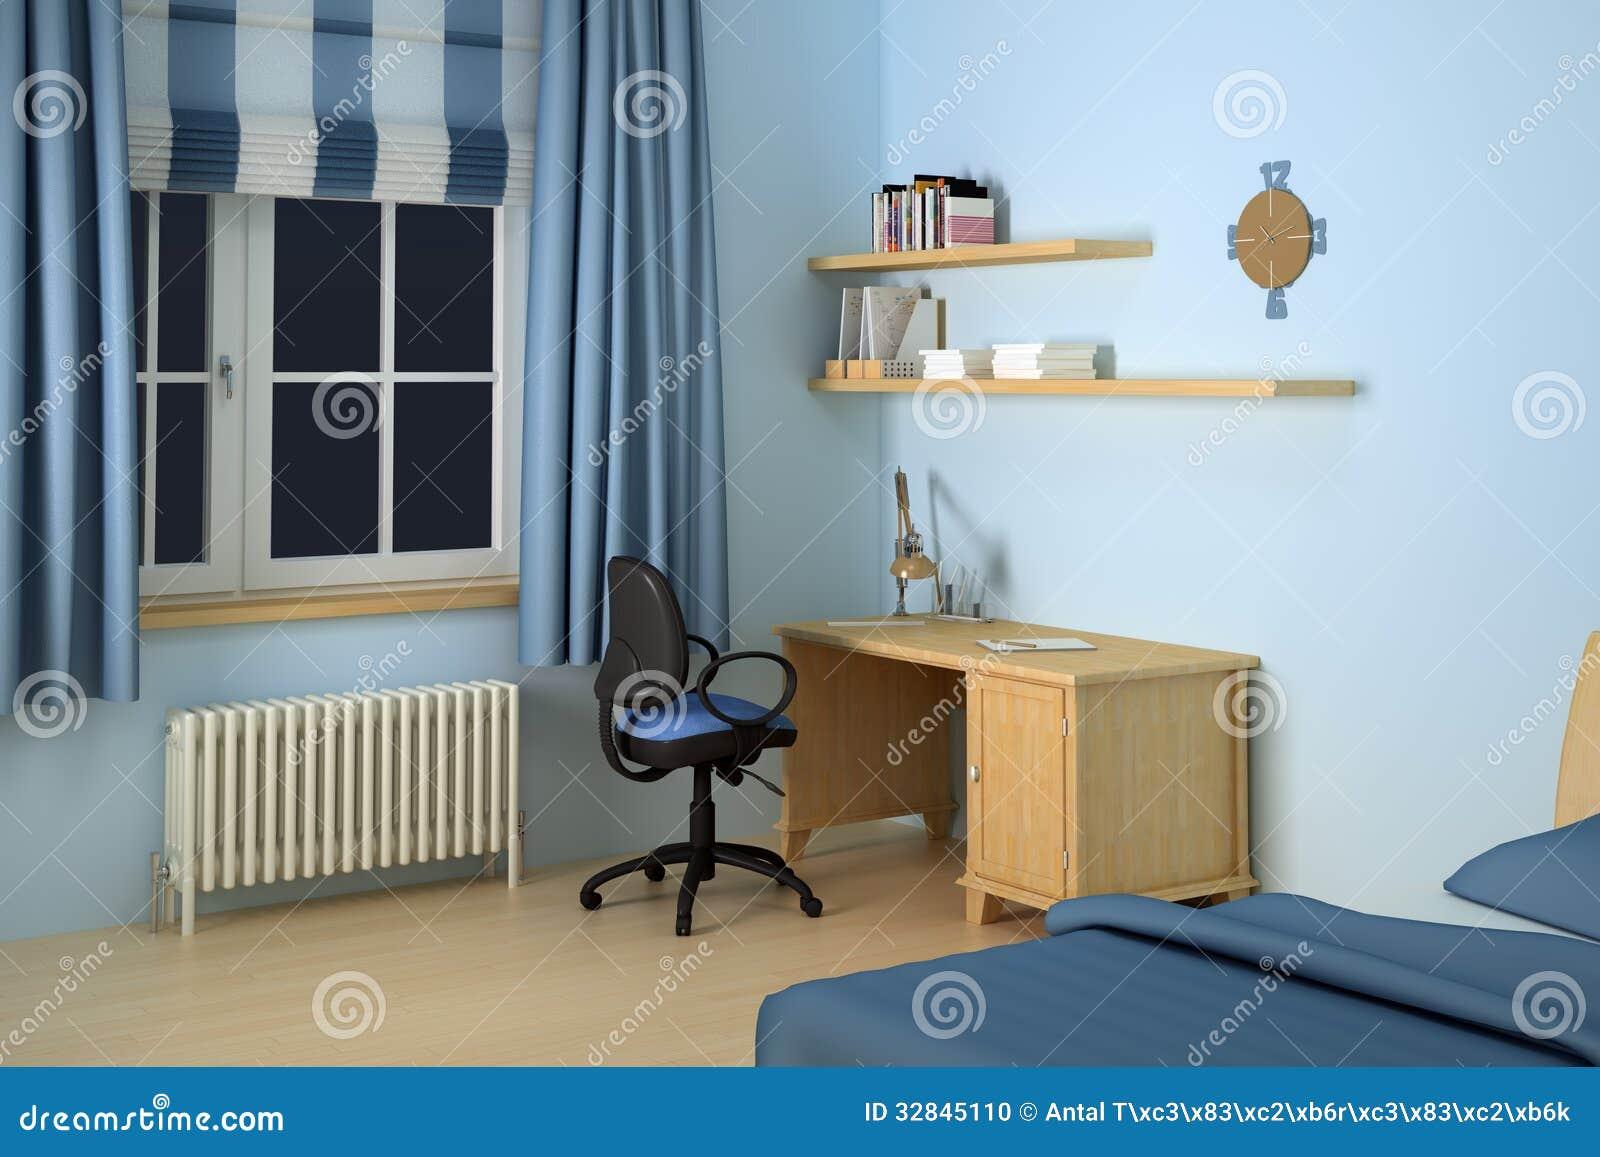 ... gelijksoortige voorraadbeelden van ` Bureau in moderne slaapkamer